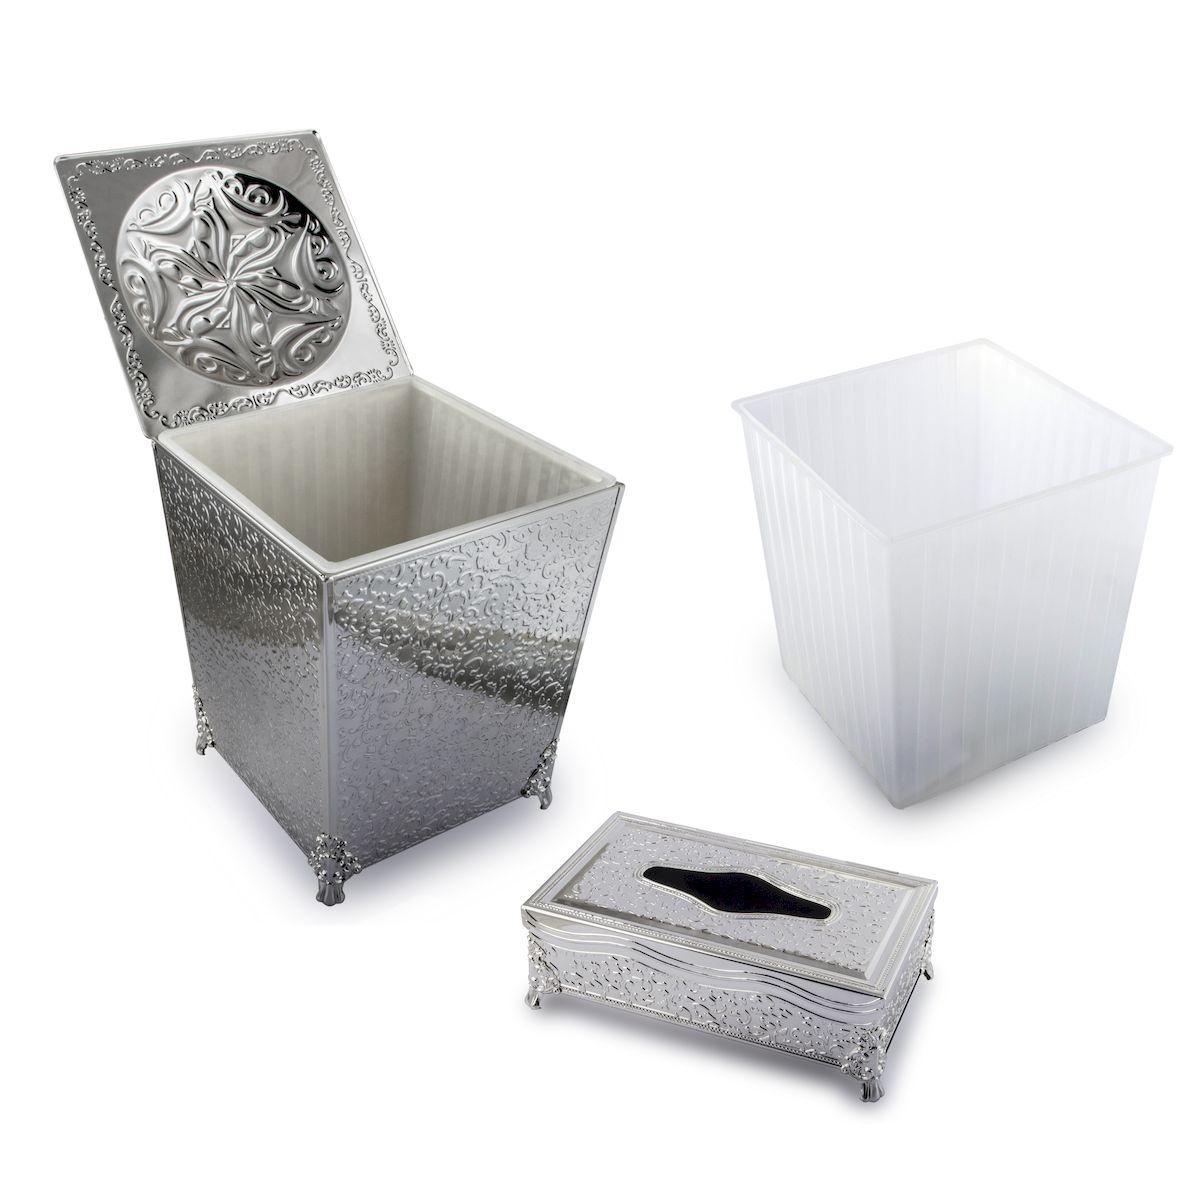 Корзина для мусора и подставка для салфеток Rosenberg. S-229177.858@19113Стильный и необычный набор Rosenberg украсит интерьер или станет отличным подарком. В набор входят корзина для мусора и подставка для салфеток. Изделия выполнены из силумина и стали, с покрытием серебром. Размер корзины: 22,5 см х 22,5 см х 31 см.Размер подставки: 15 х 27 х 9 см.